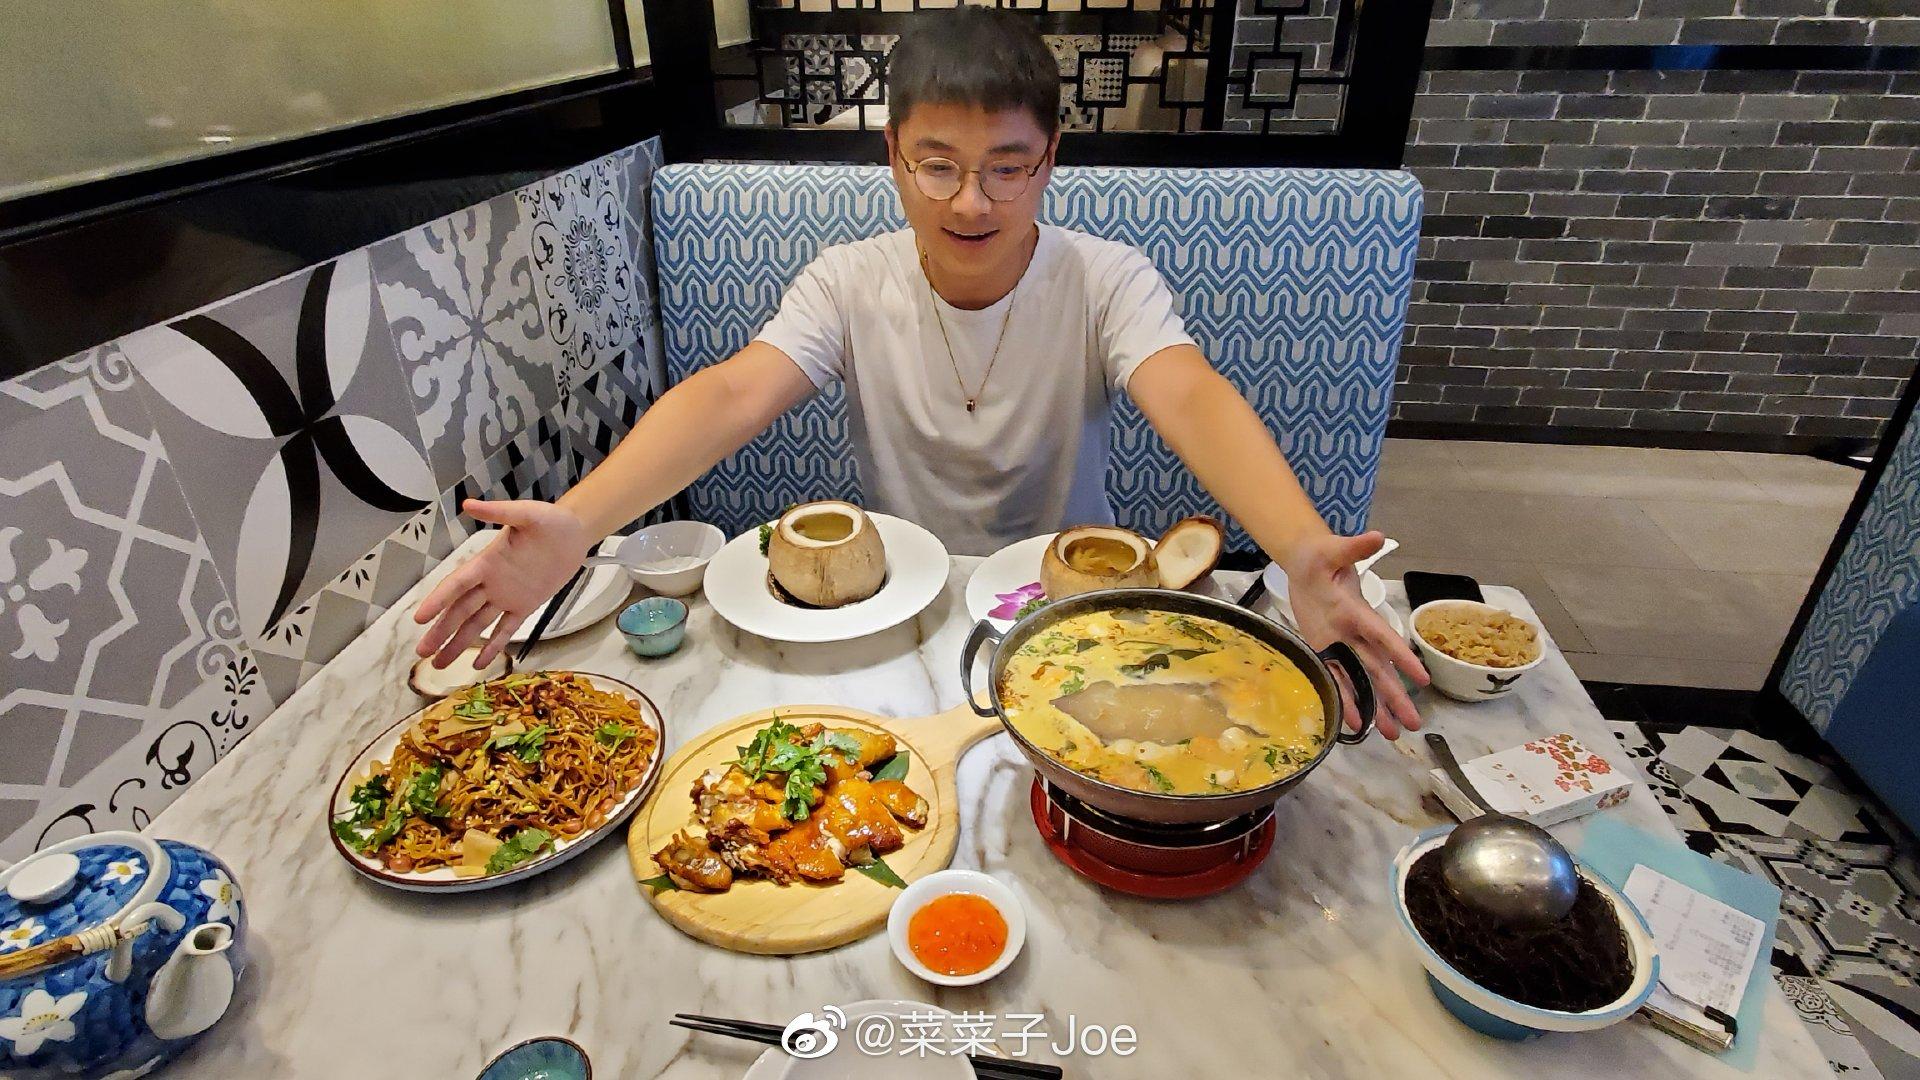 原来海南也有地道的传统菜,沿江海南鸡饭店